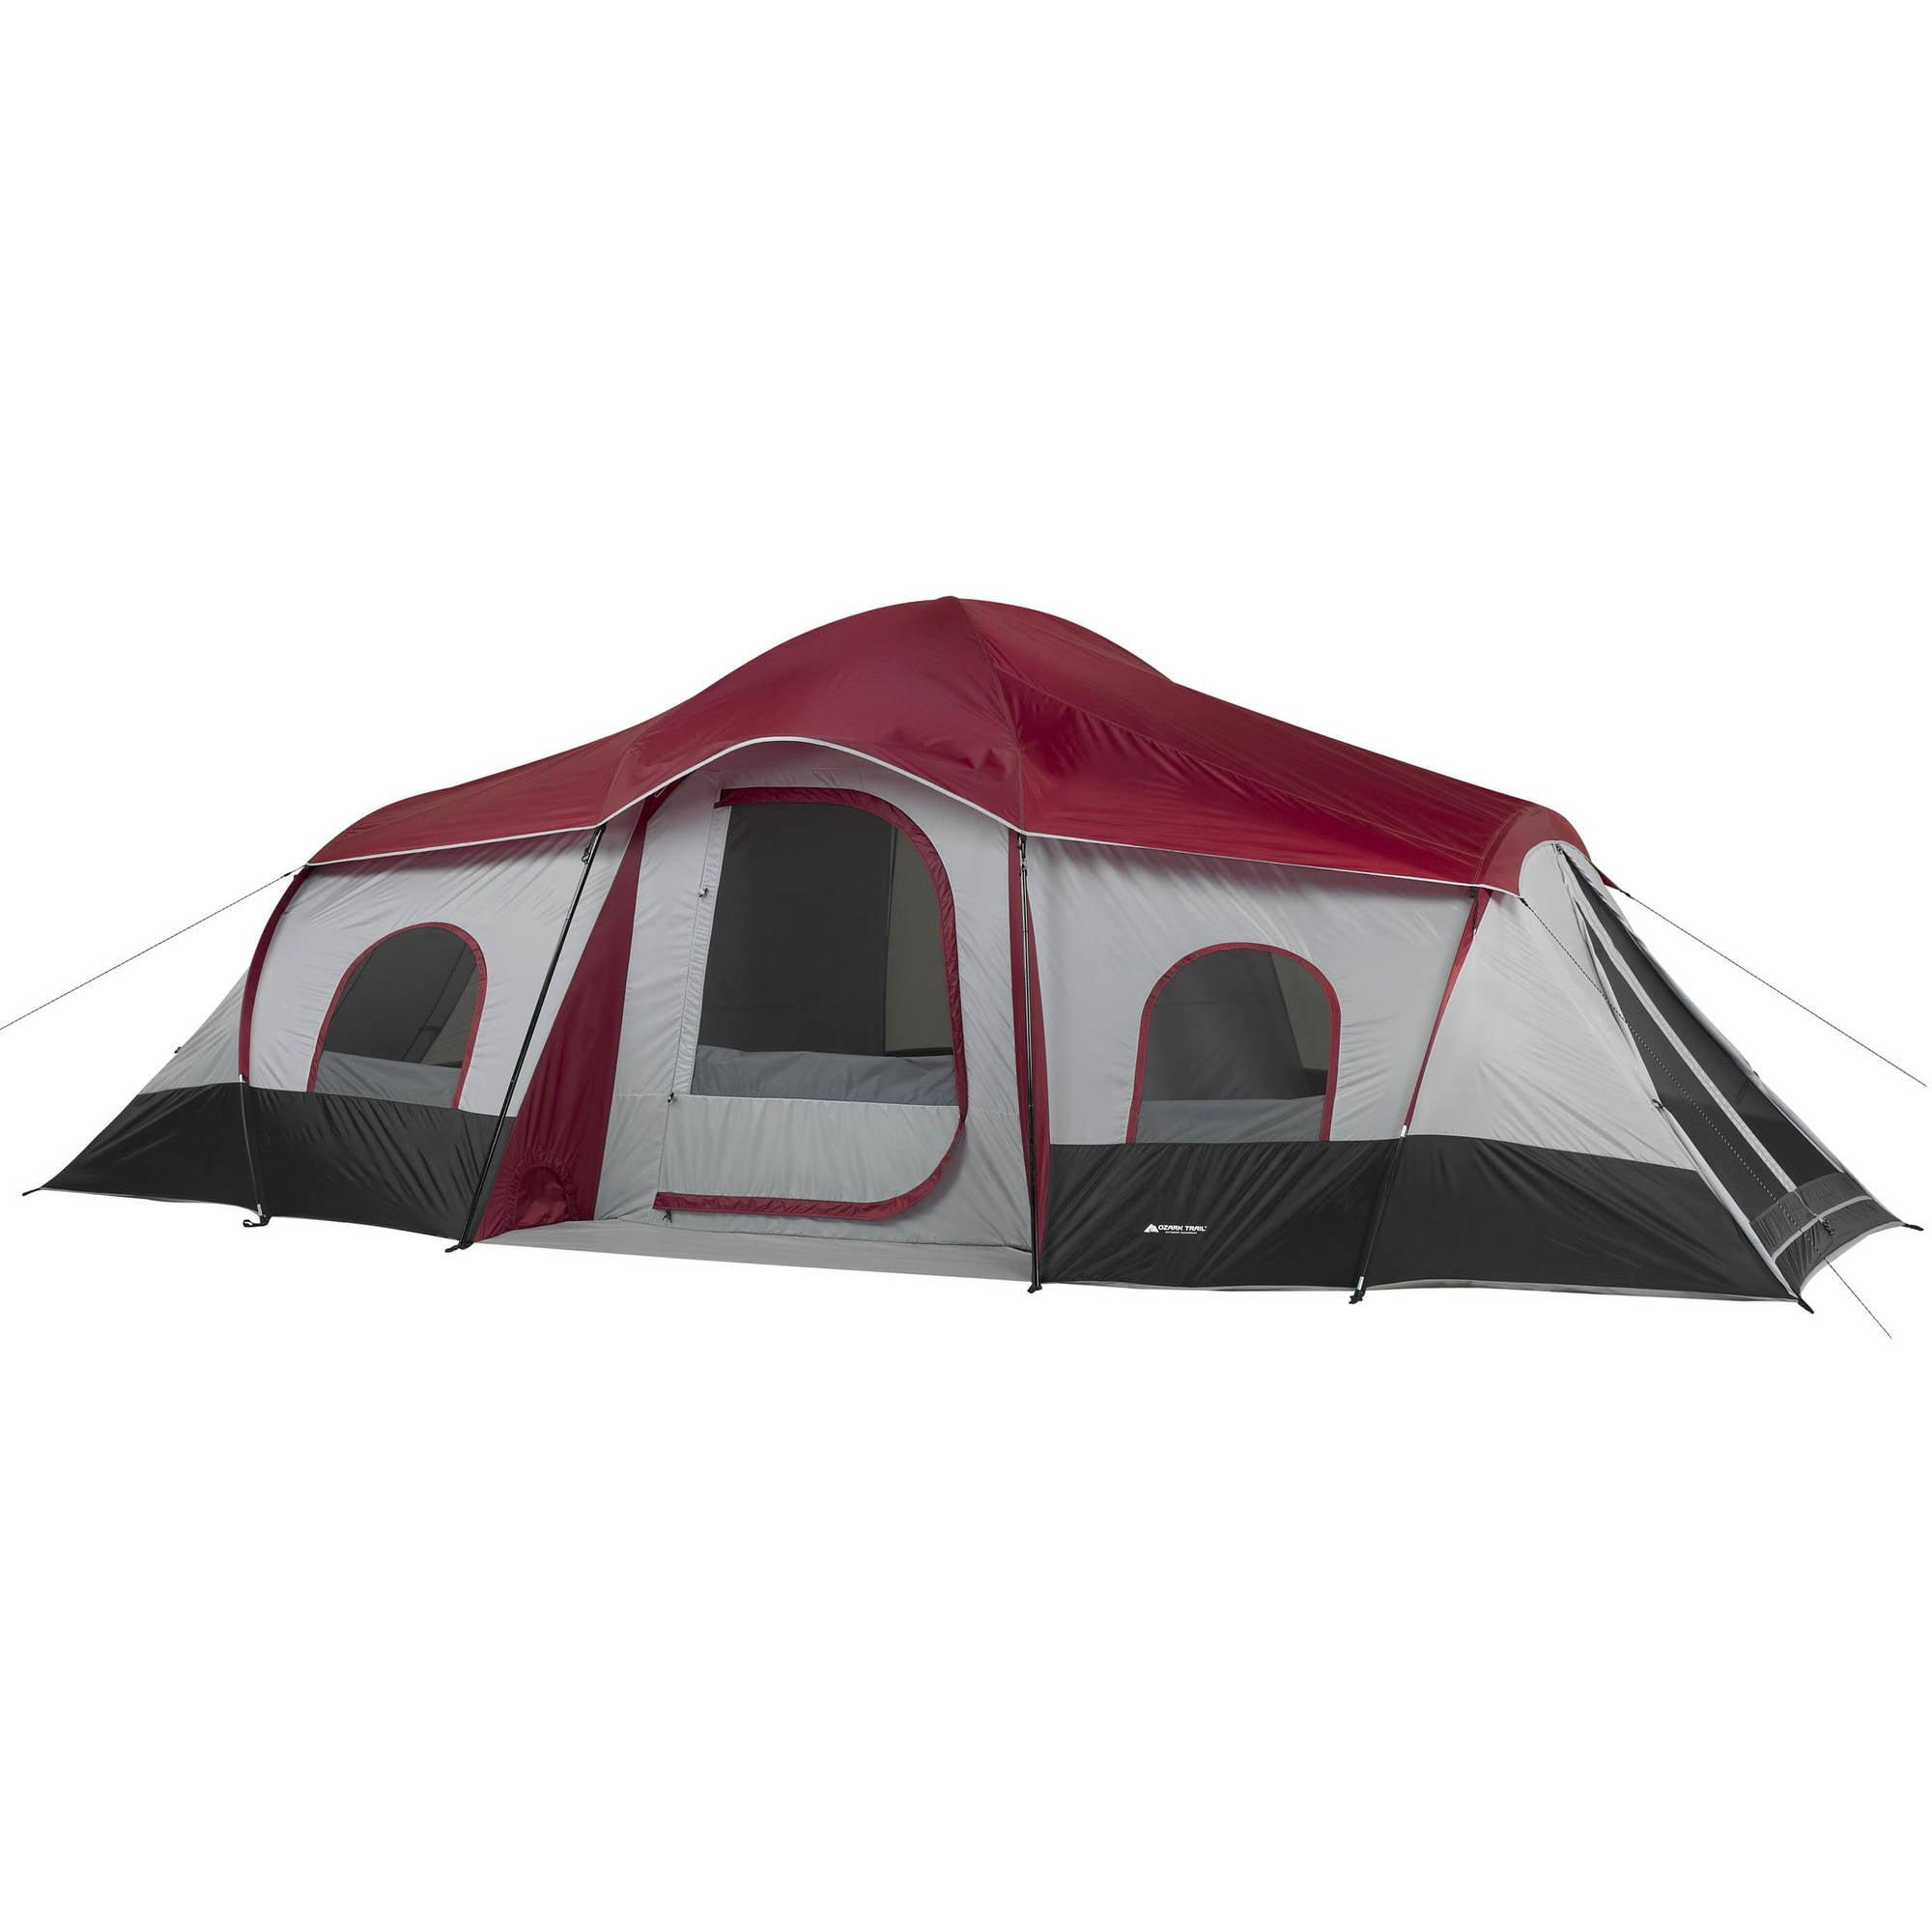 Ozark Trail 10-Person 3-Room Cabin Tent